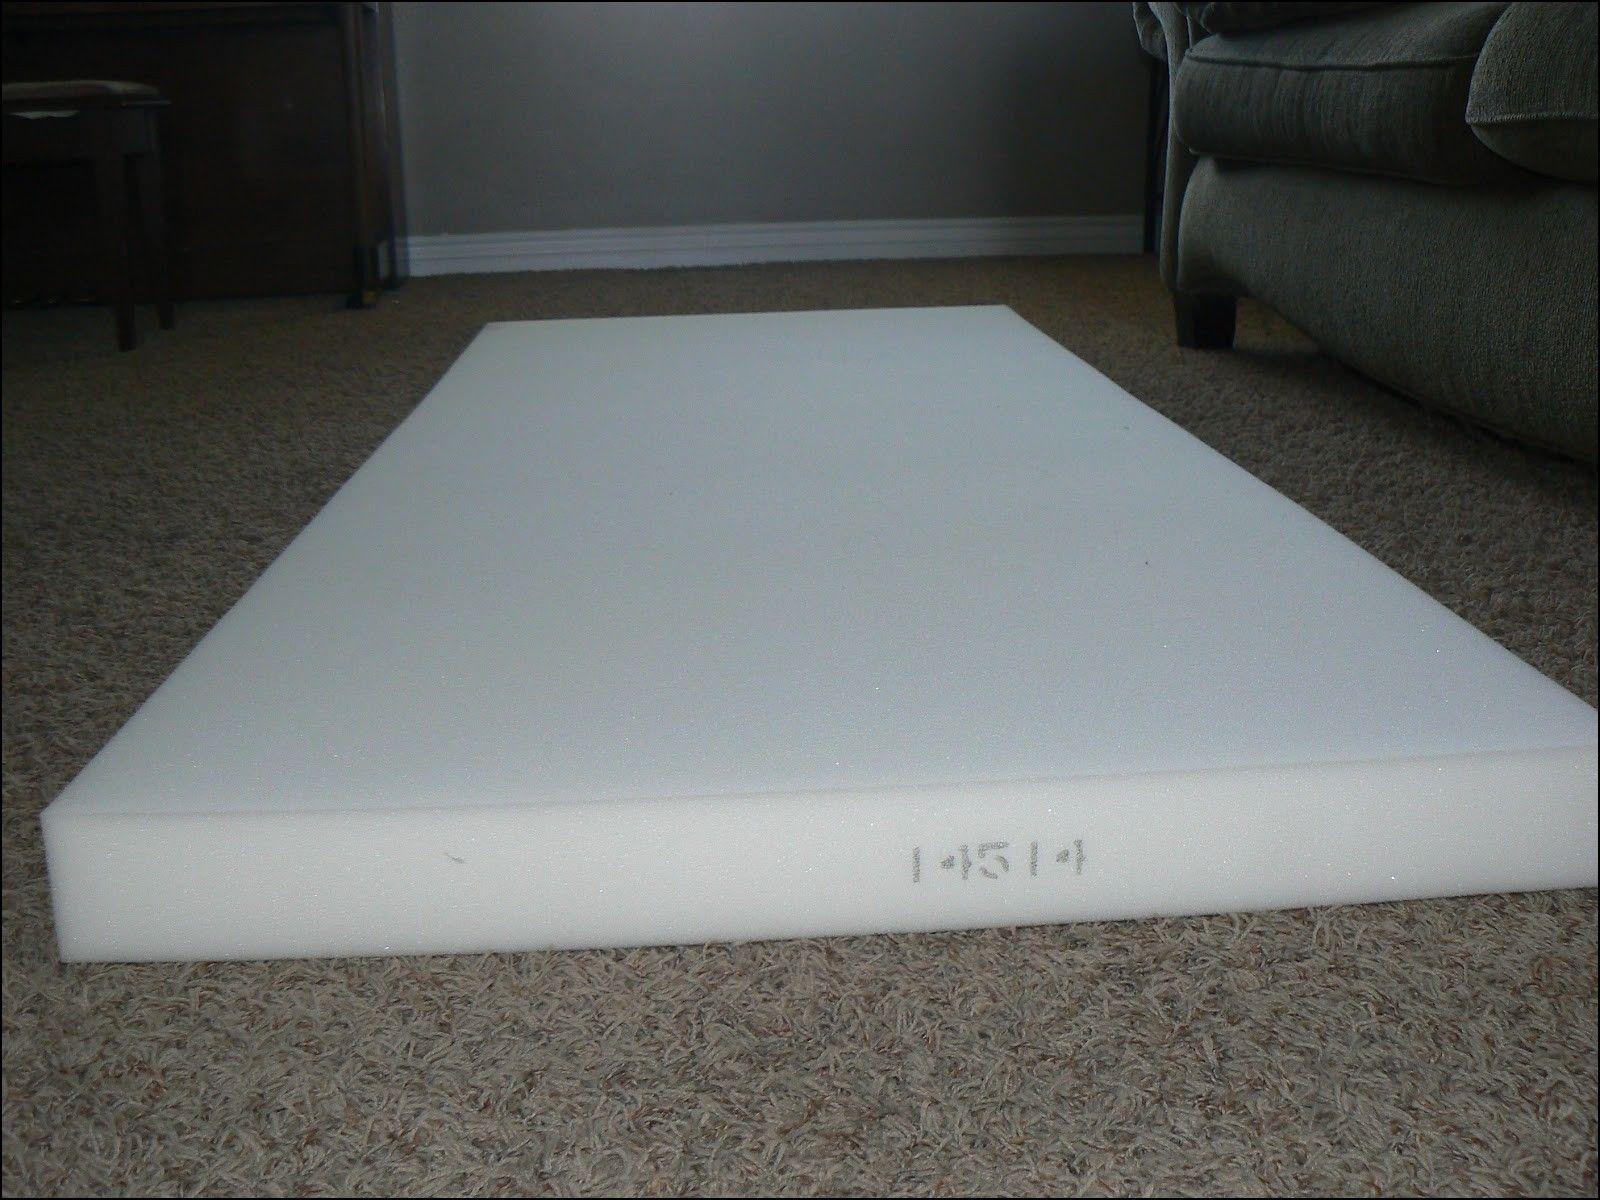 foam camping mattress. Mattress · Thick Foam Camping